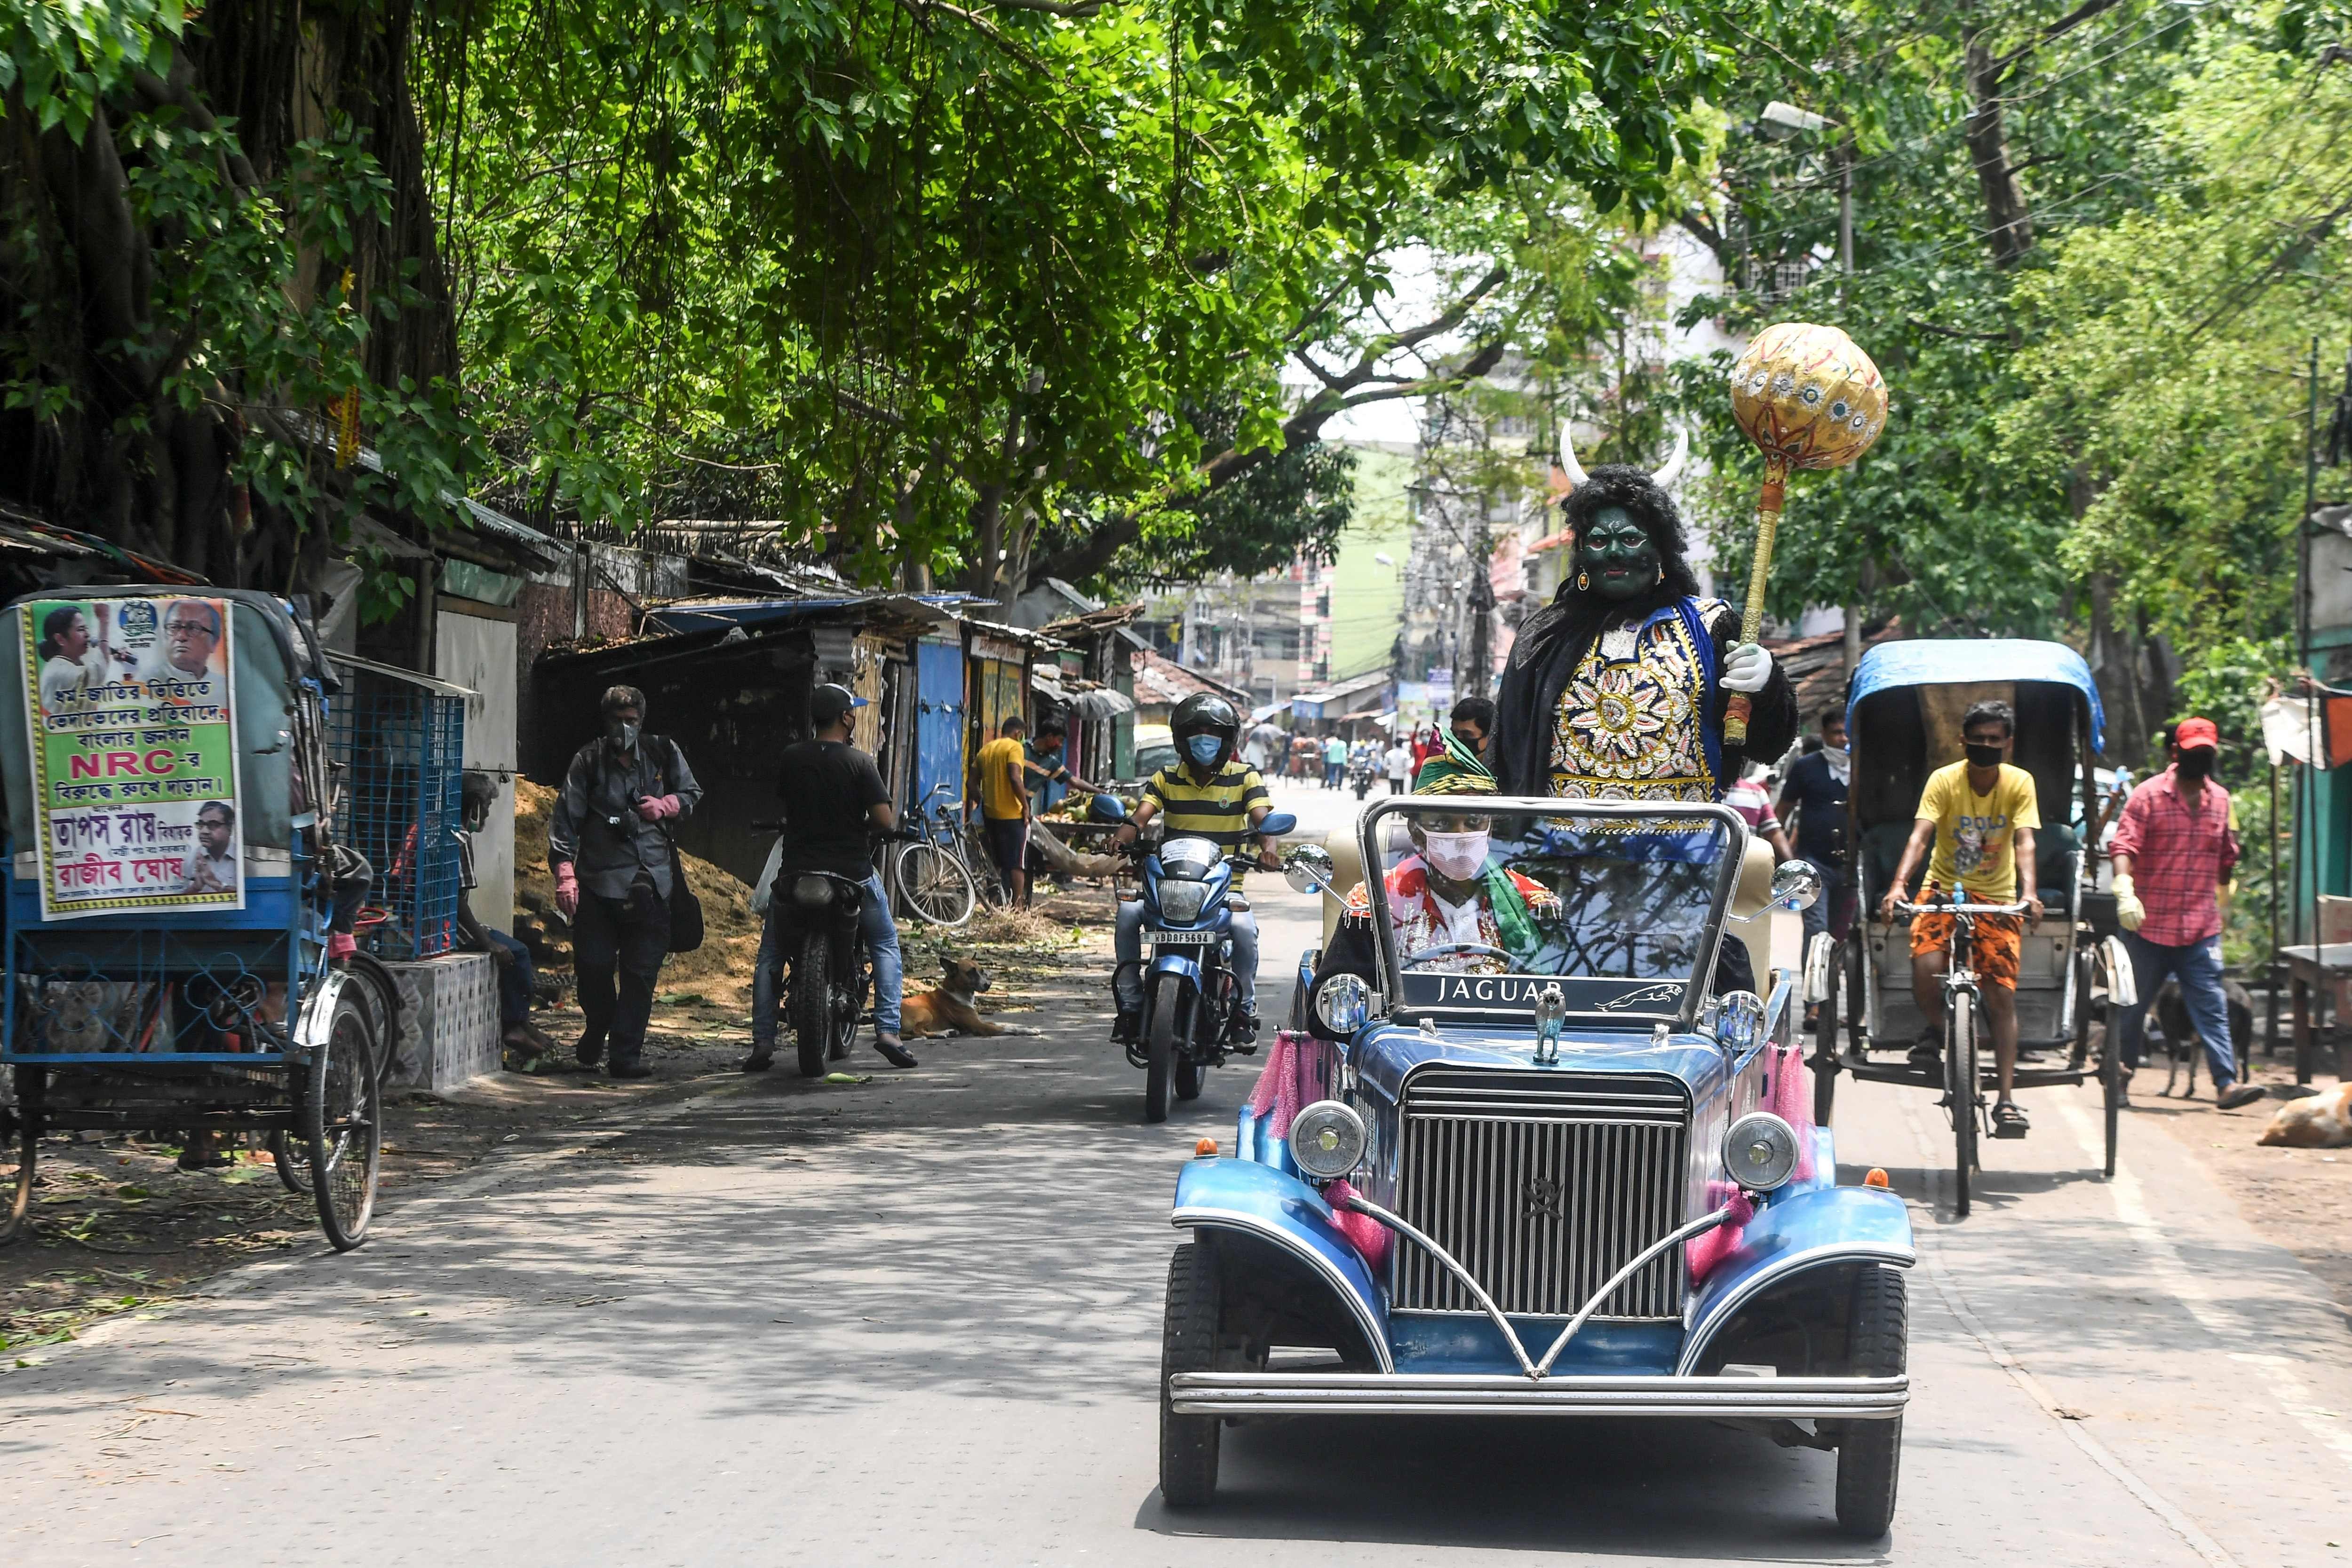 পশ্চিমবঙ্গে এখনও করোনায় মৃত ১৮ (AFP)